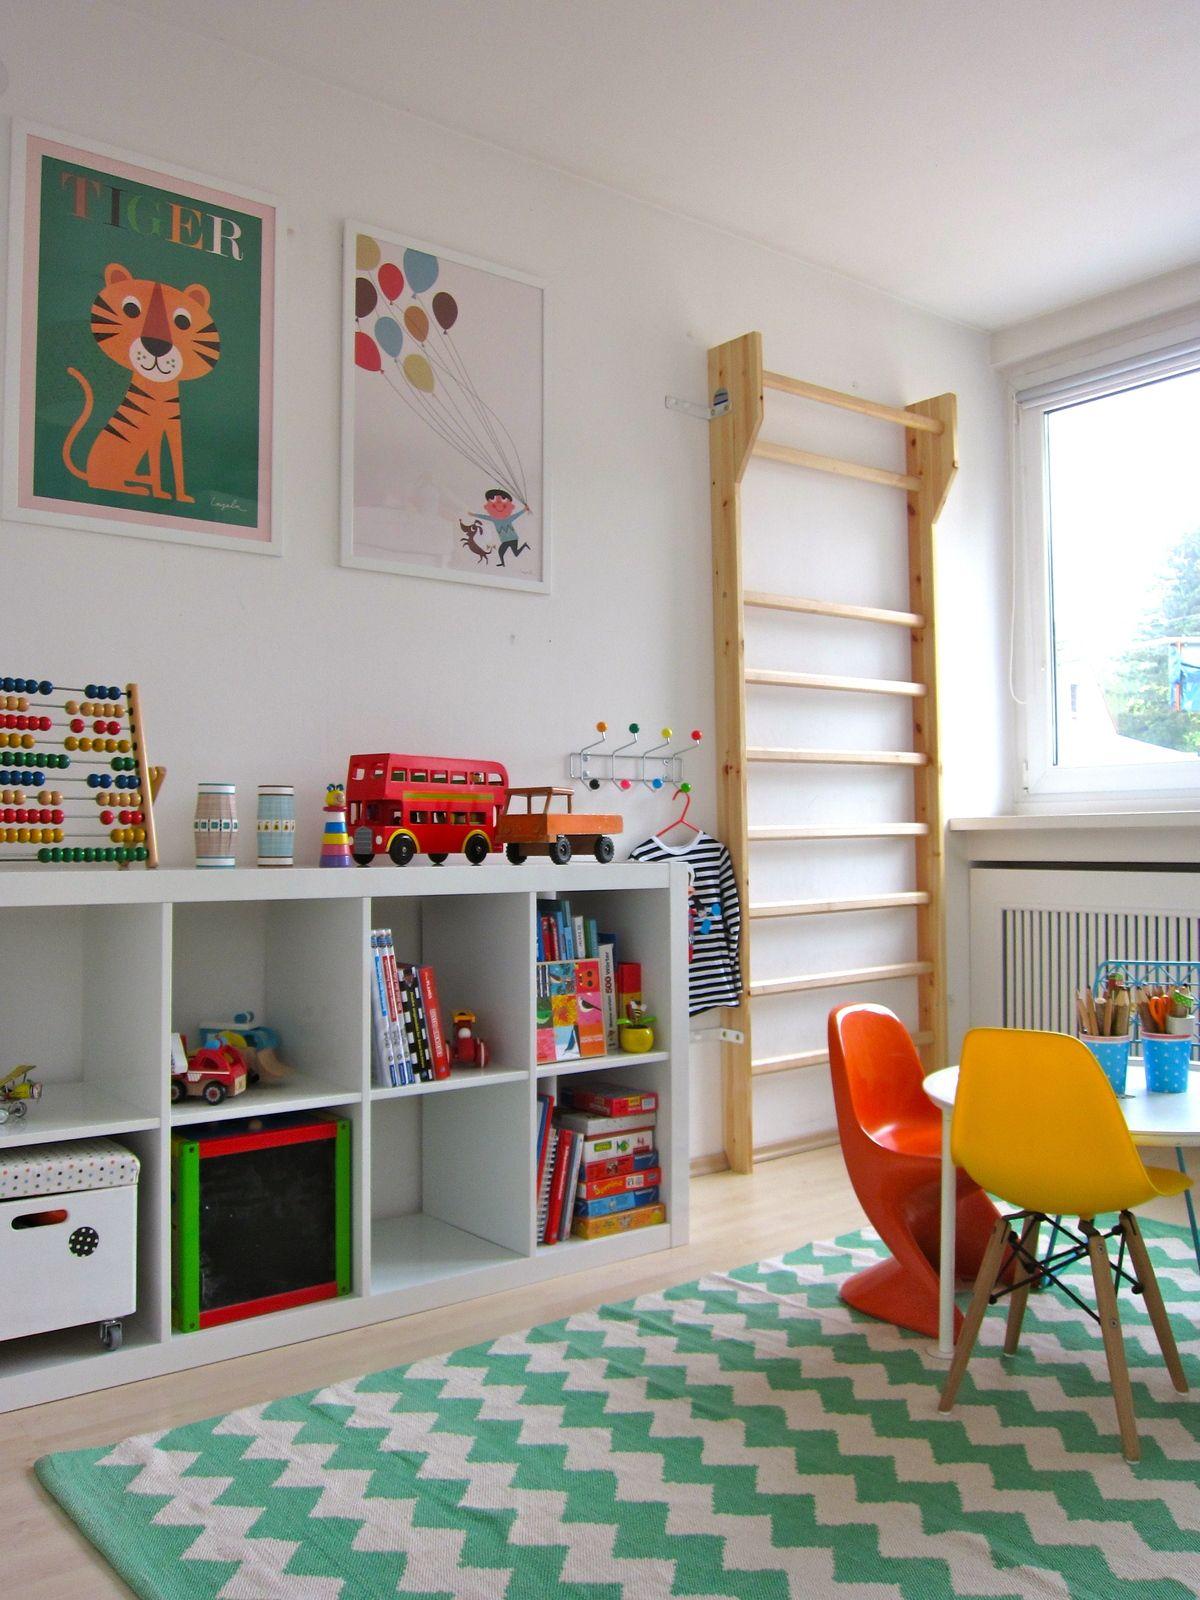 l 39 tag re ikea kallax avec 8 casiers cadre pinterest tag res ikea espace jeux et ikea. Black Bedroom Furniture Sets. Home Design Ideas